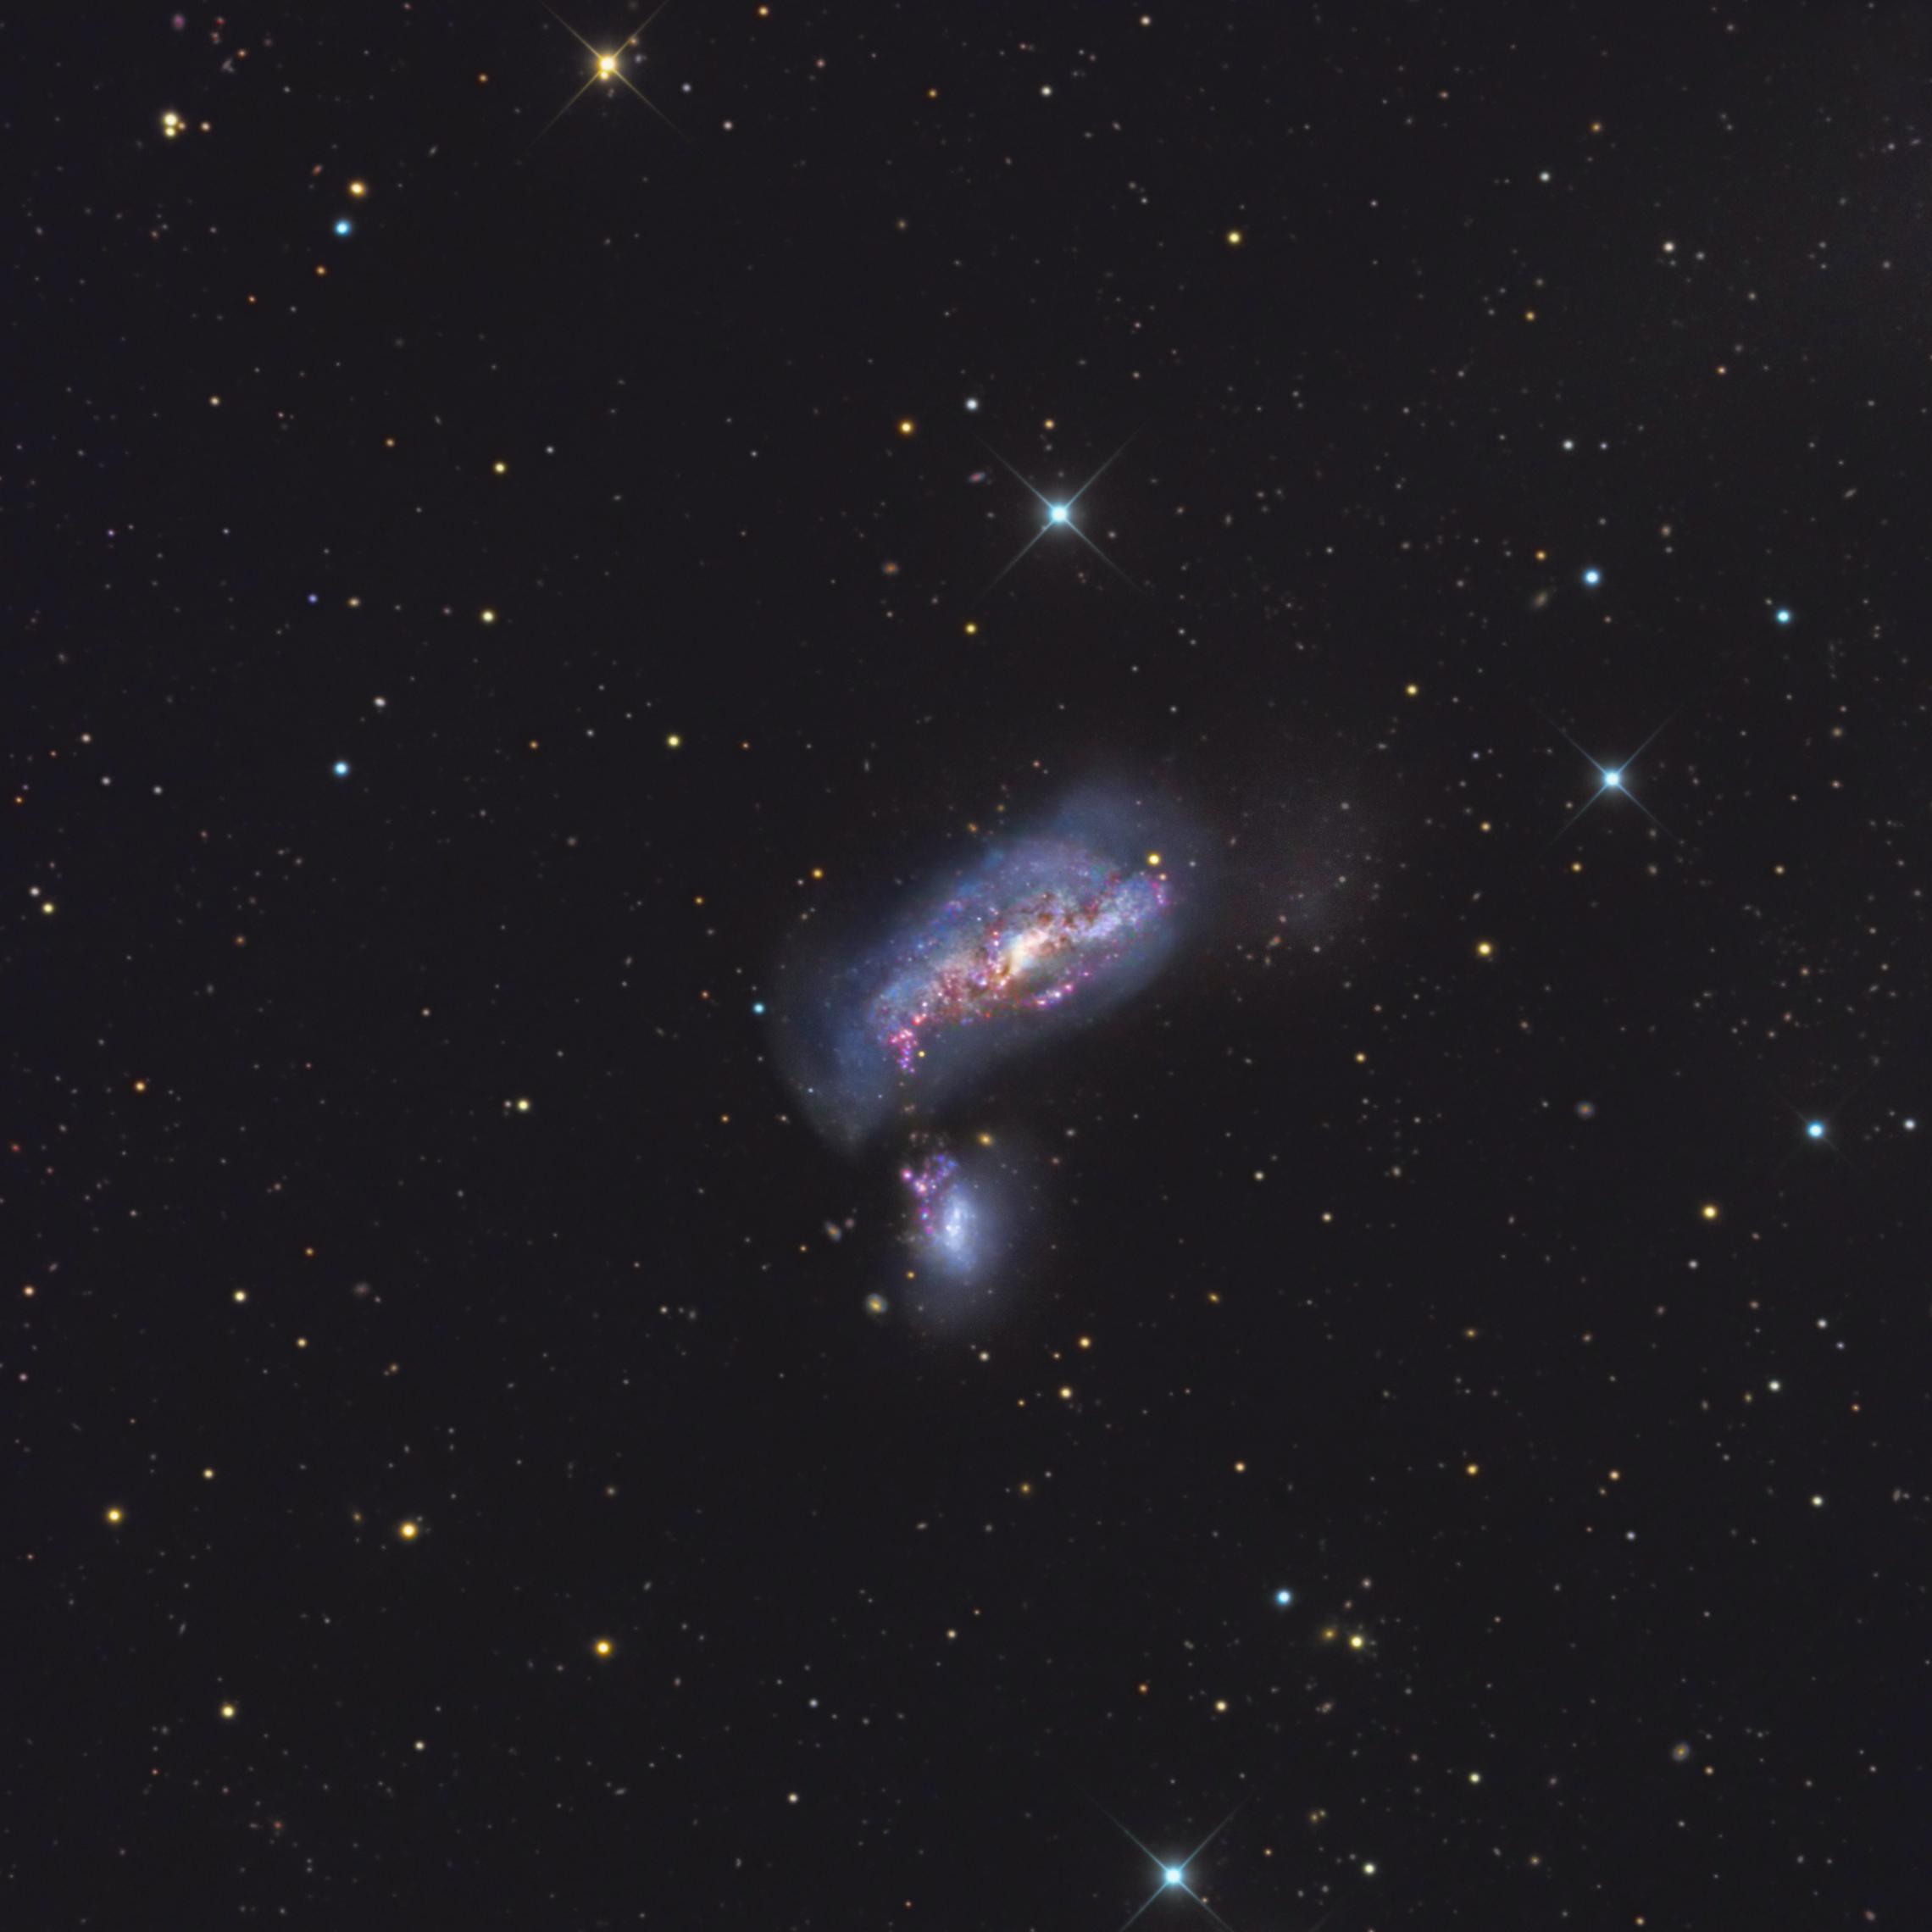 NGC 4490, Cocoon Galaxy